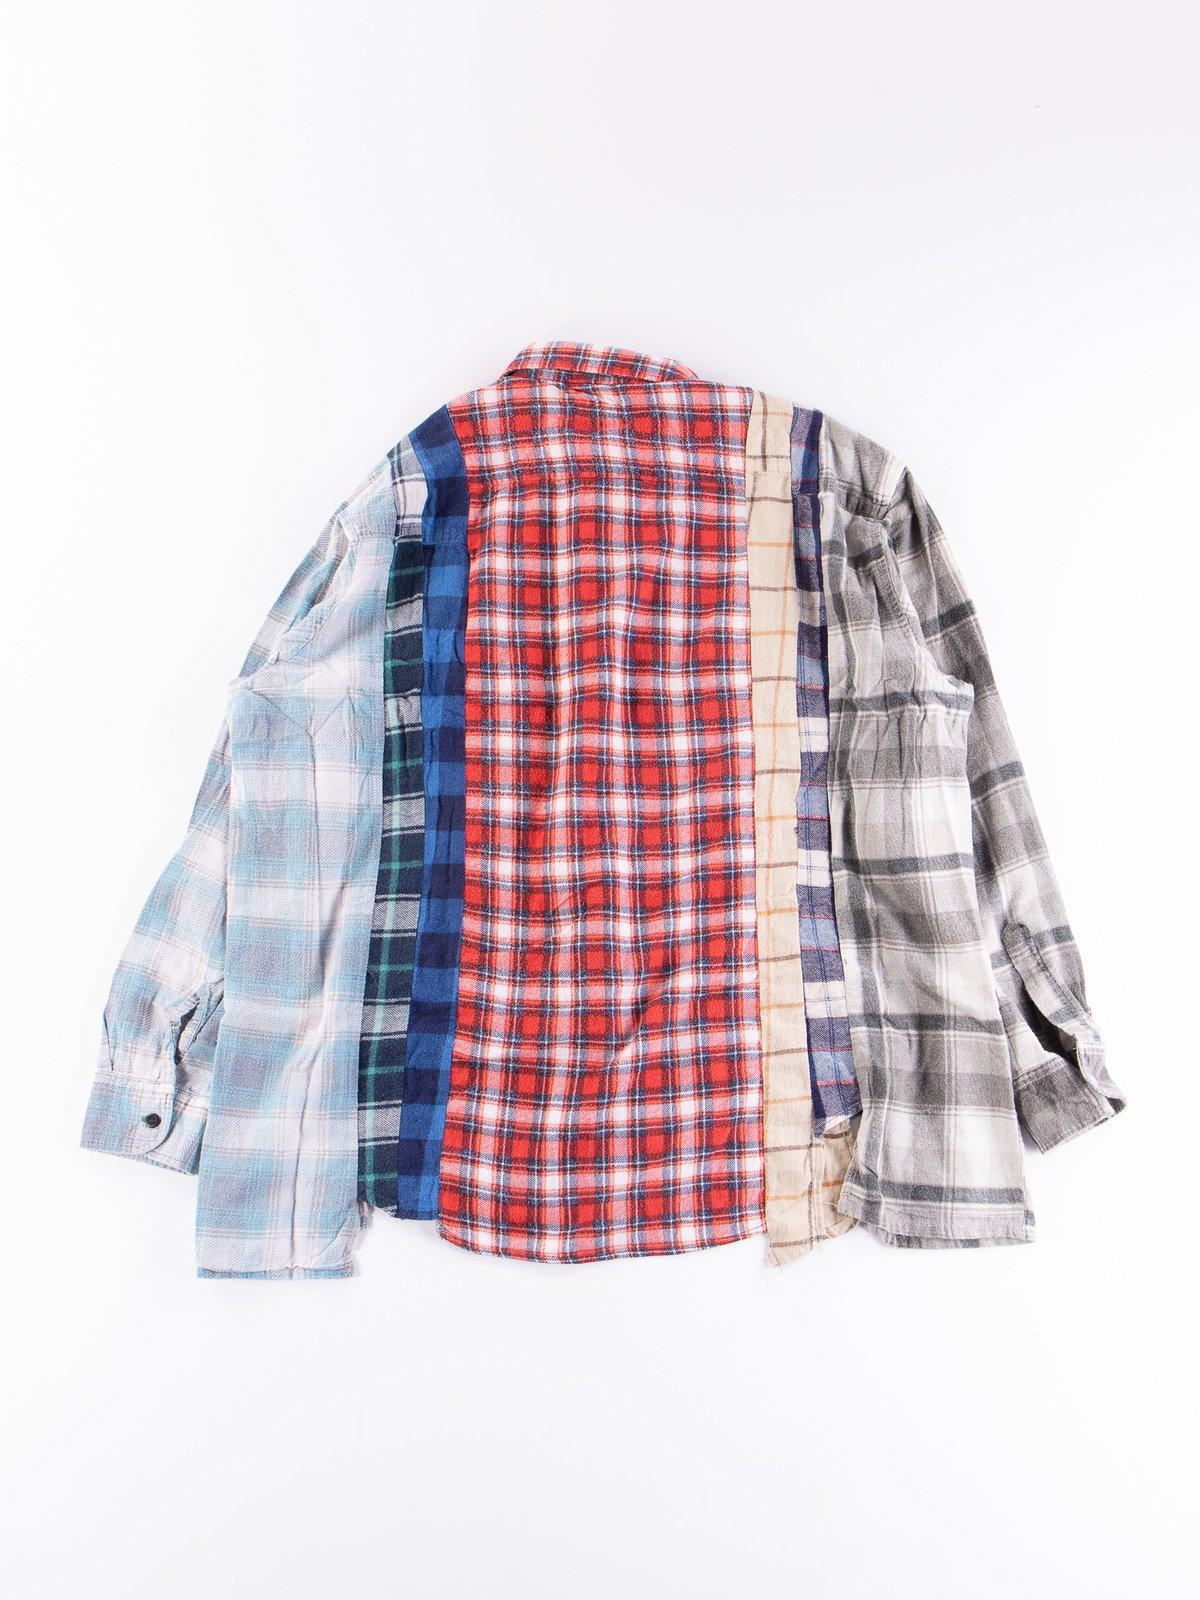 Assorted 7 Cuts Rebuild Shirt - Image 12